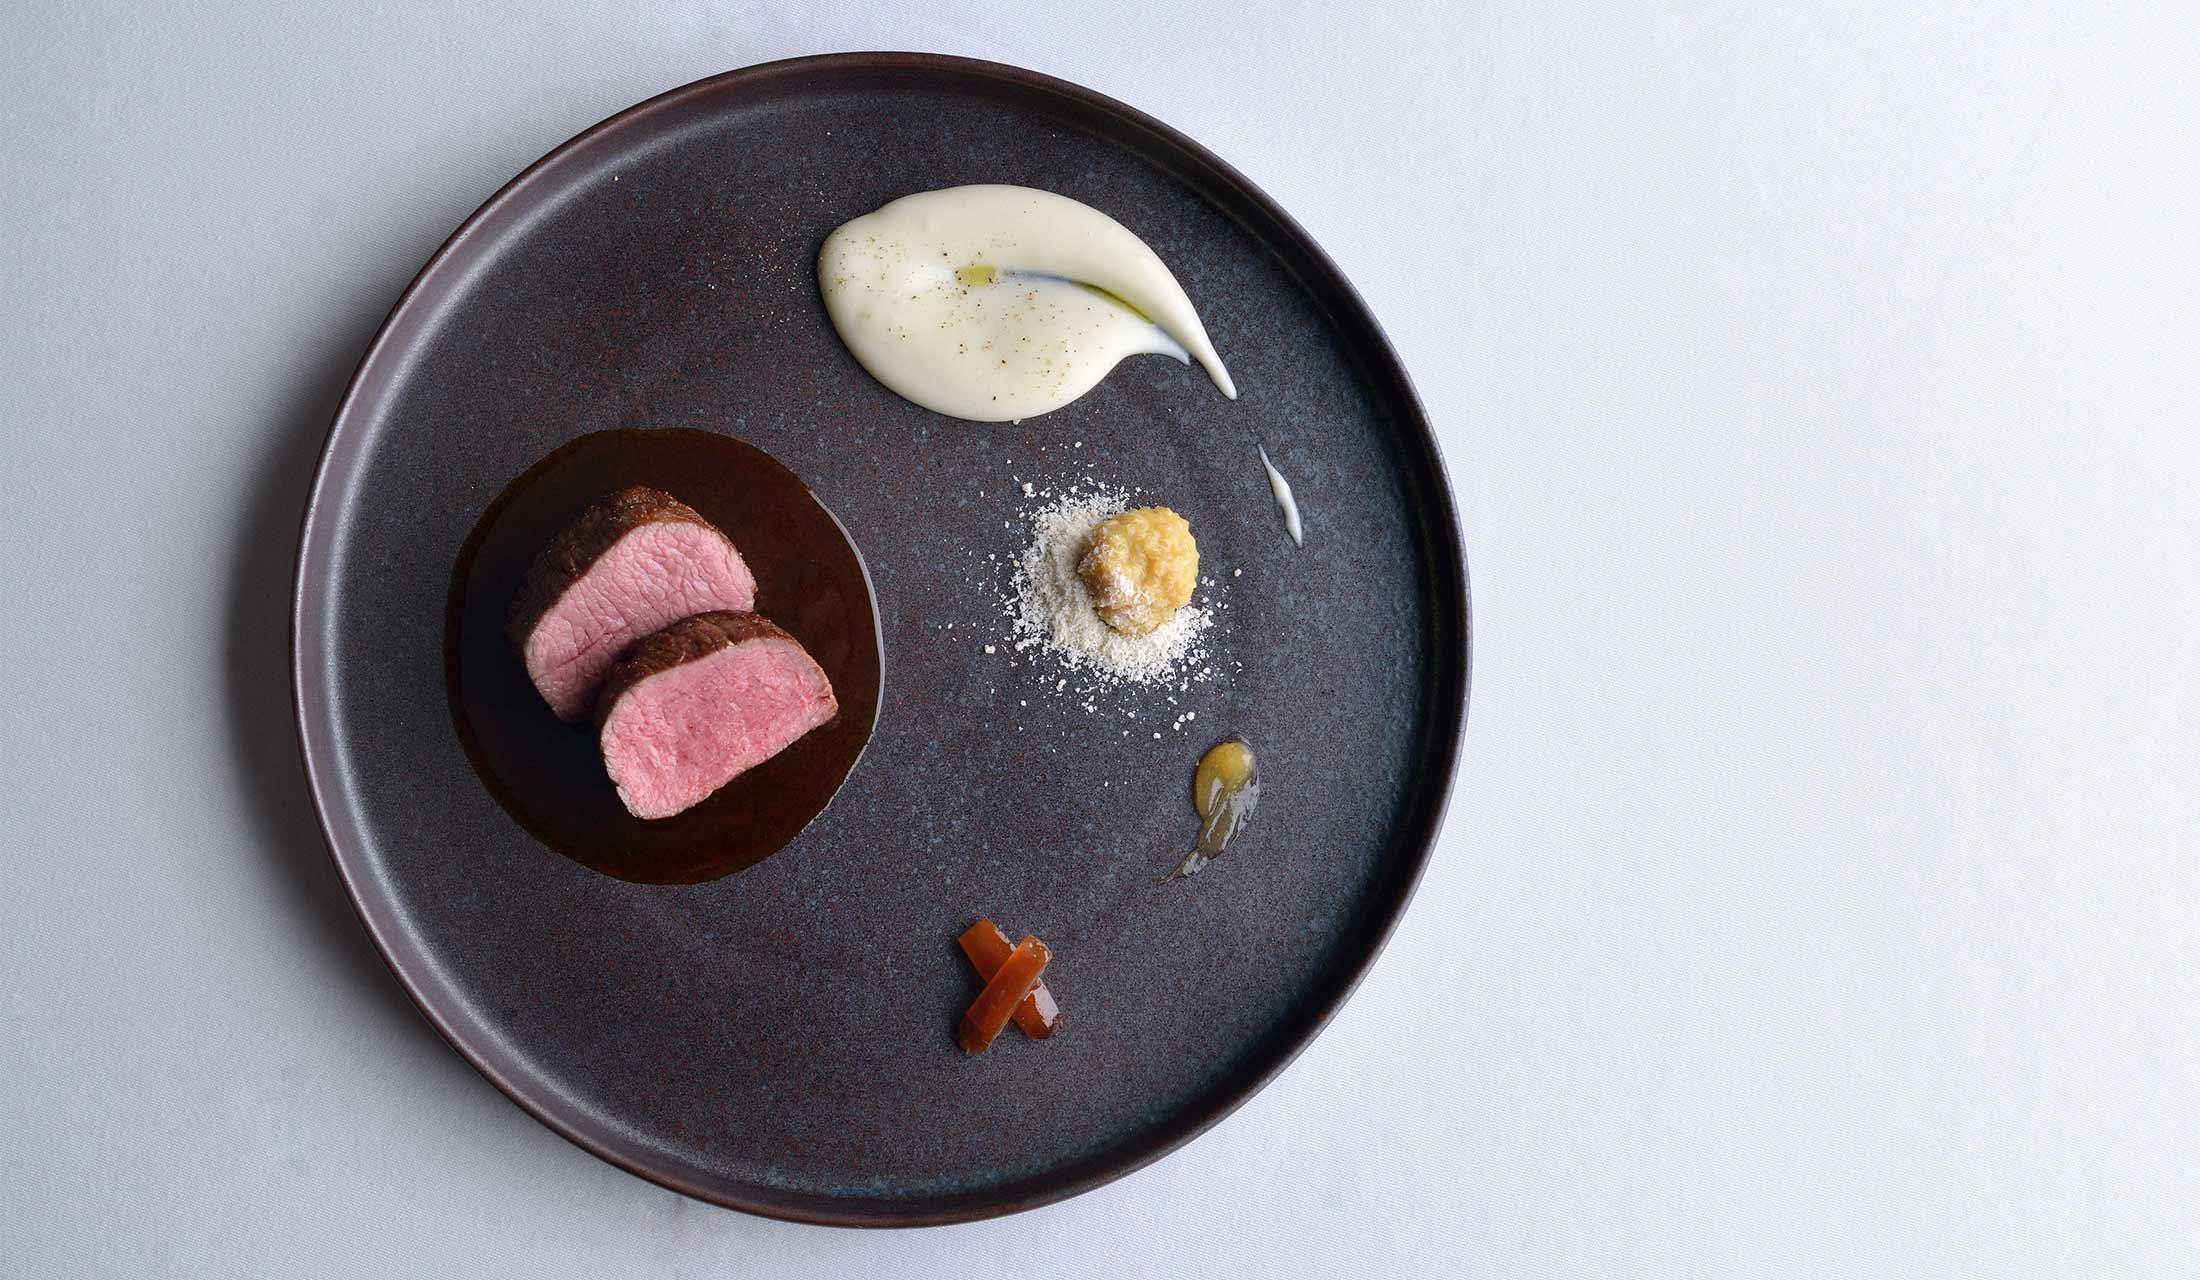 ディナーのメイン料理「仔羊のロース肉のロティ」